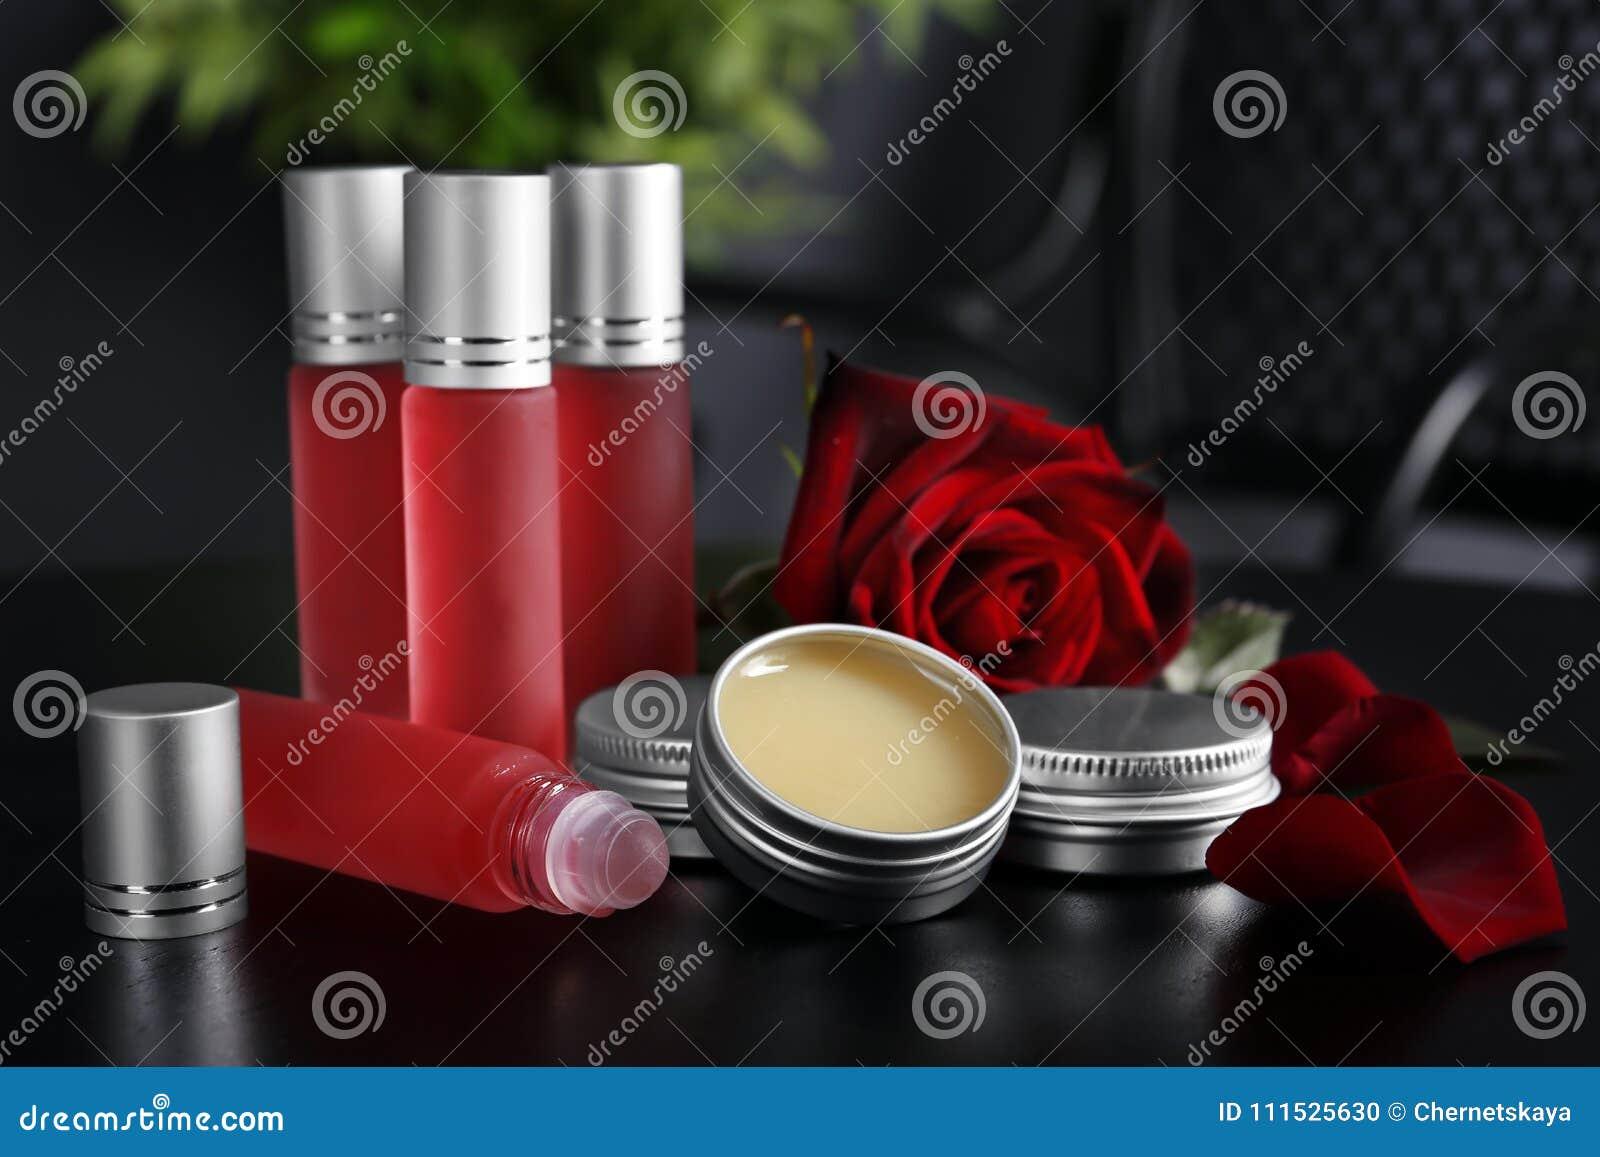 Flaschen, Behälter mit Parfüm und stiegen